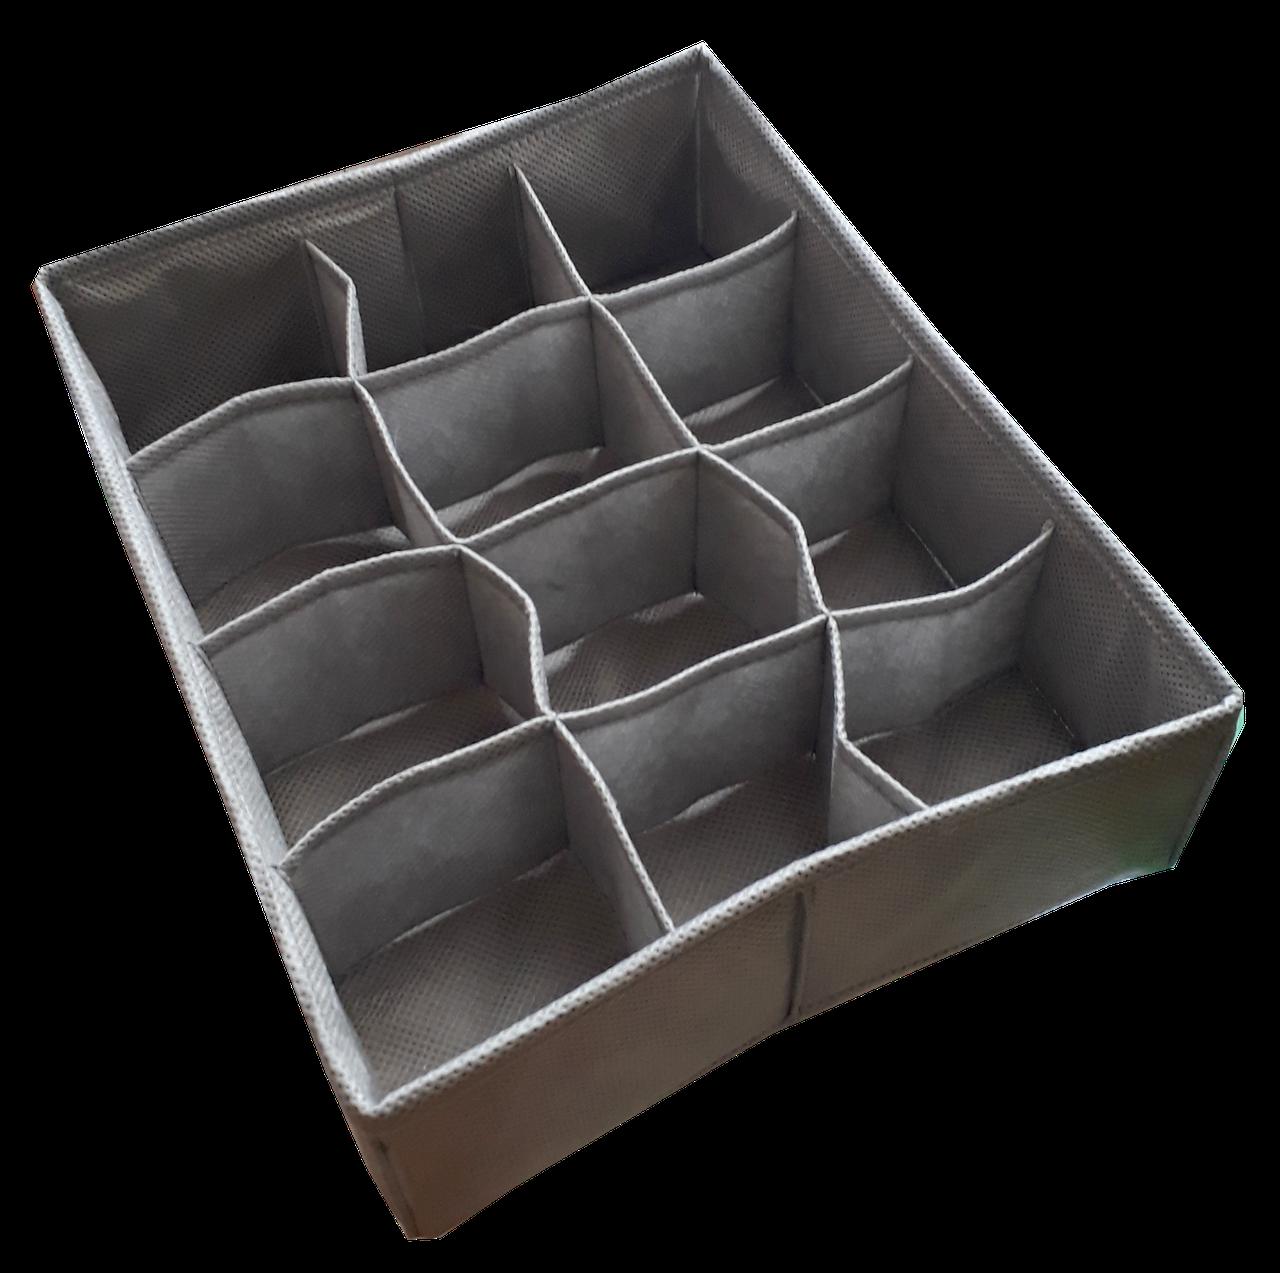 Органайзеры для белья по индивидуальным размерам (модель 49)